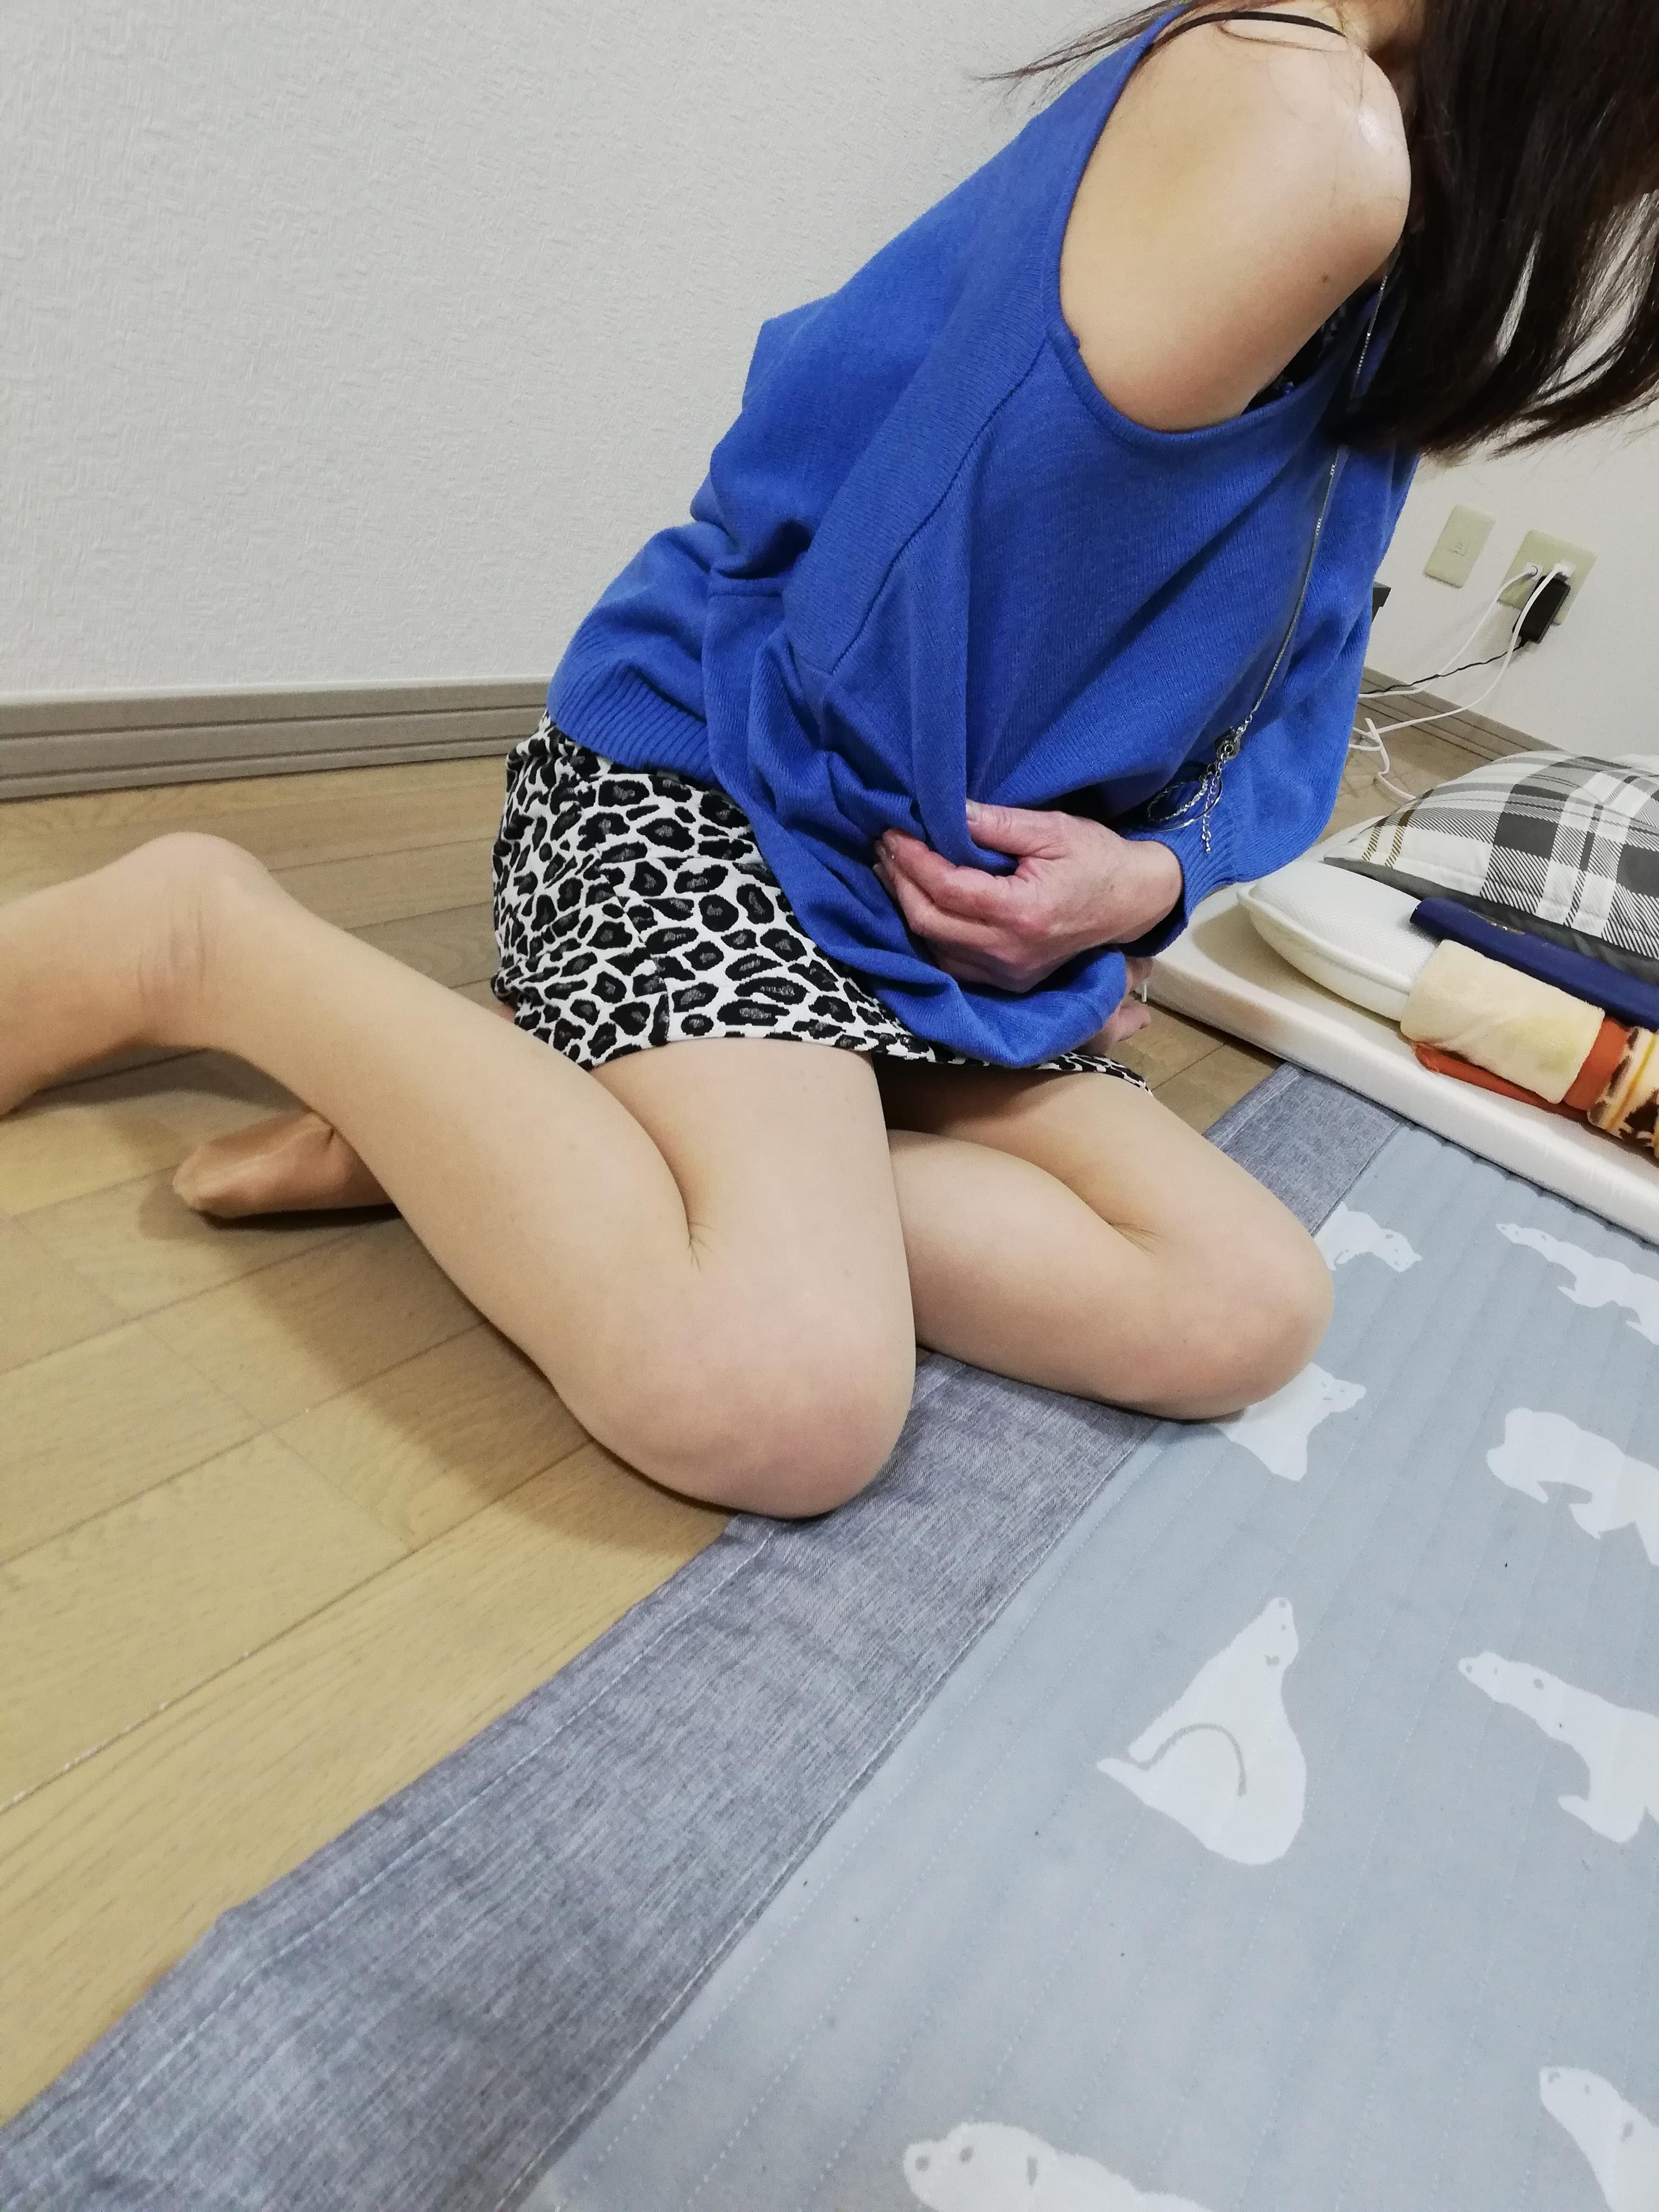 小川彩香「おはようございます」07/16(火) 08:58   小川彩香の写メ・風俗動画